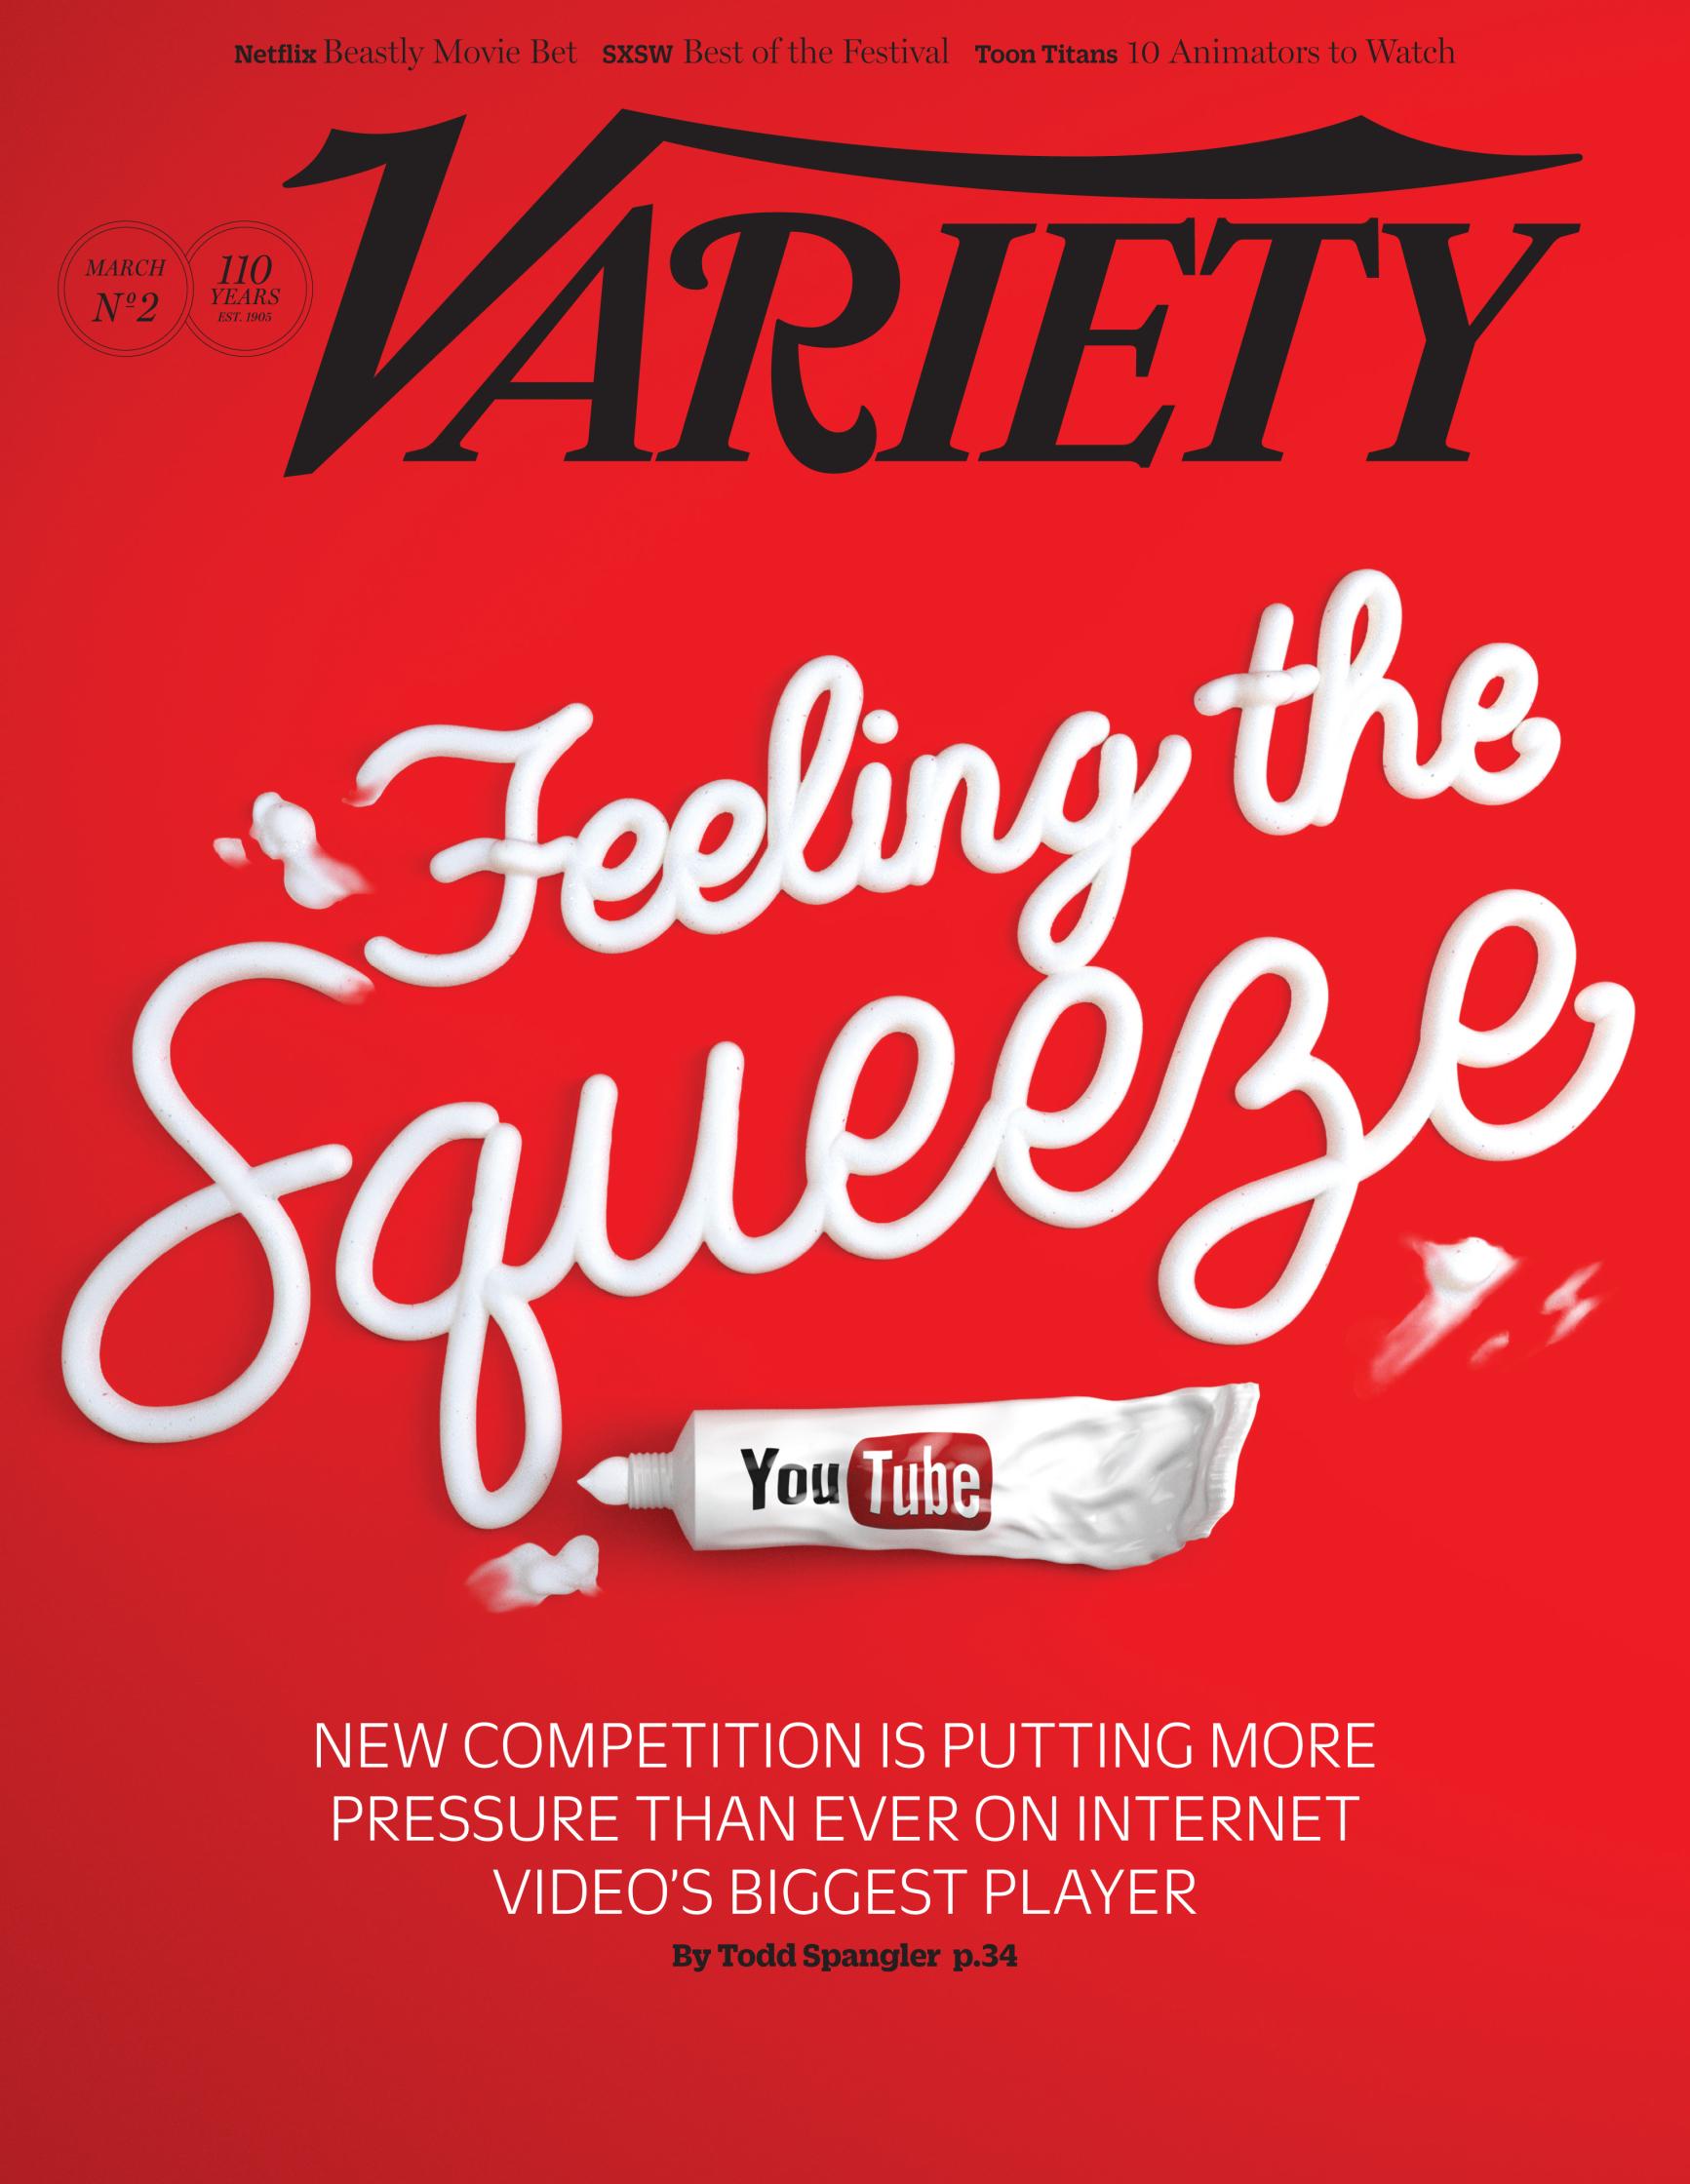 YouTube / Variety